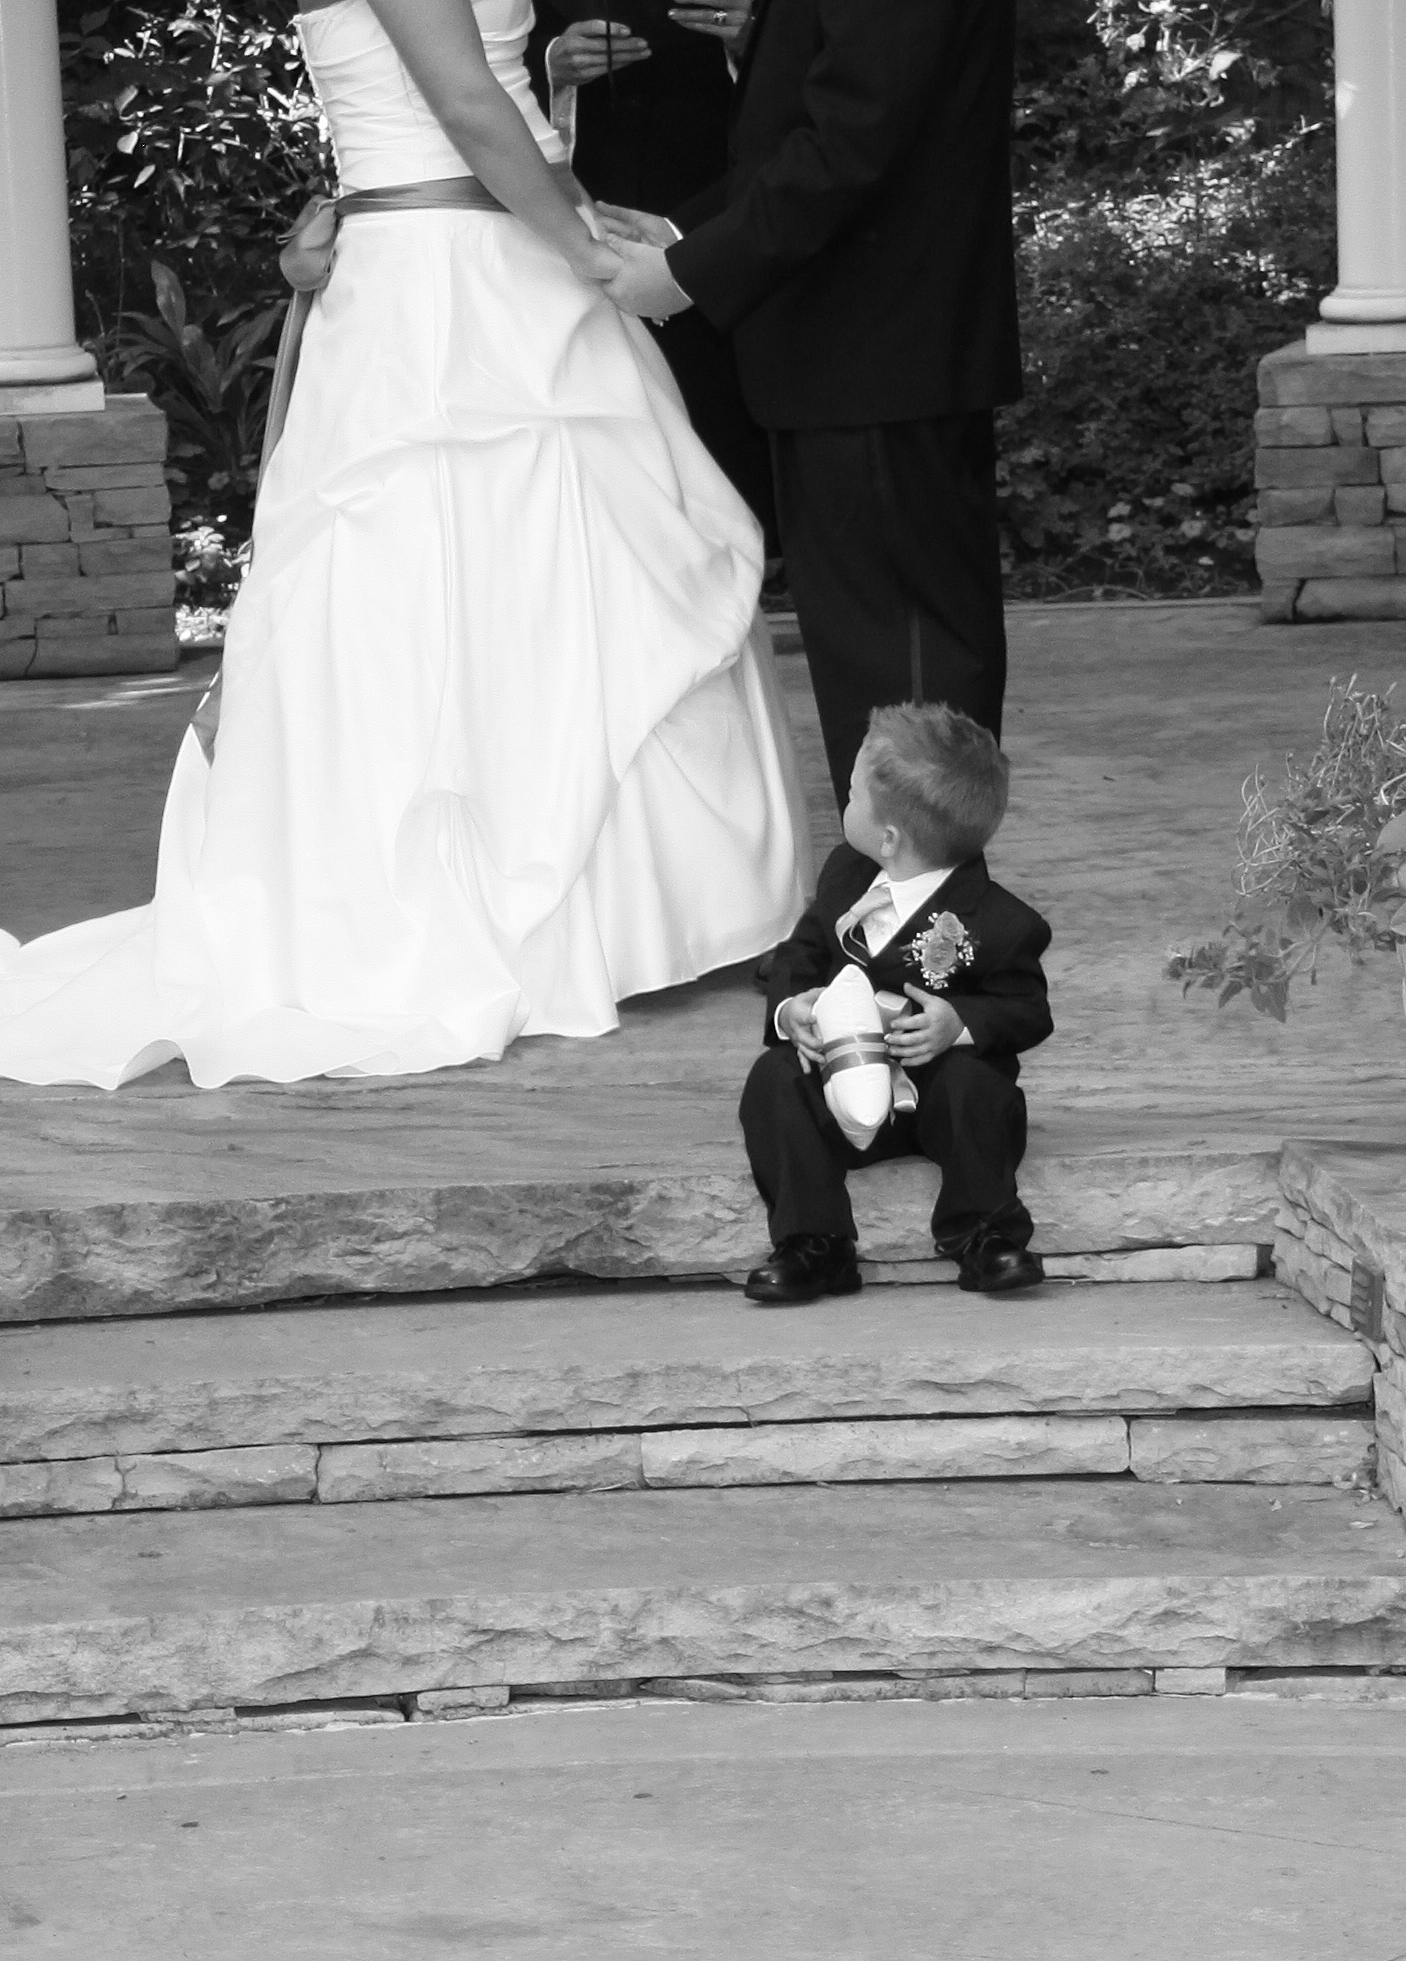 Bountiful outdoor wedding photography